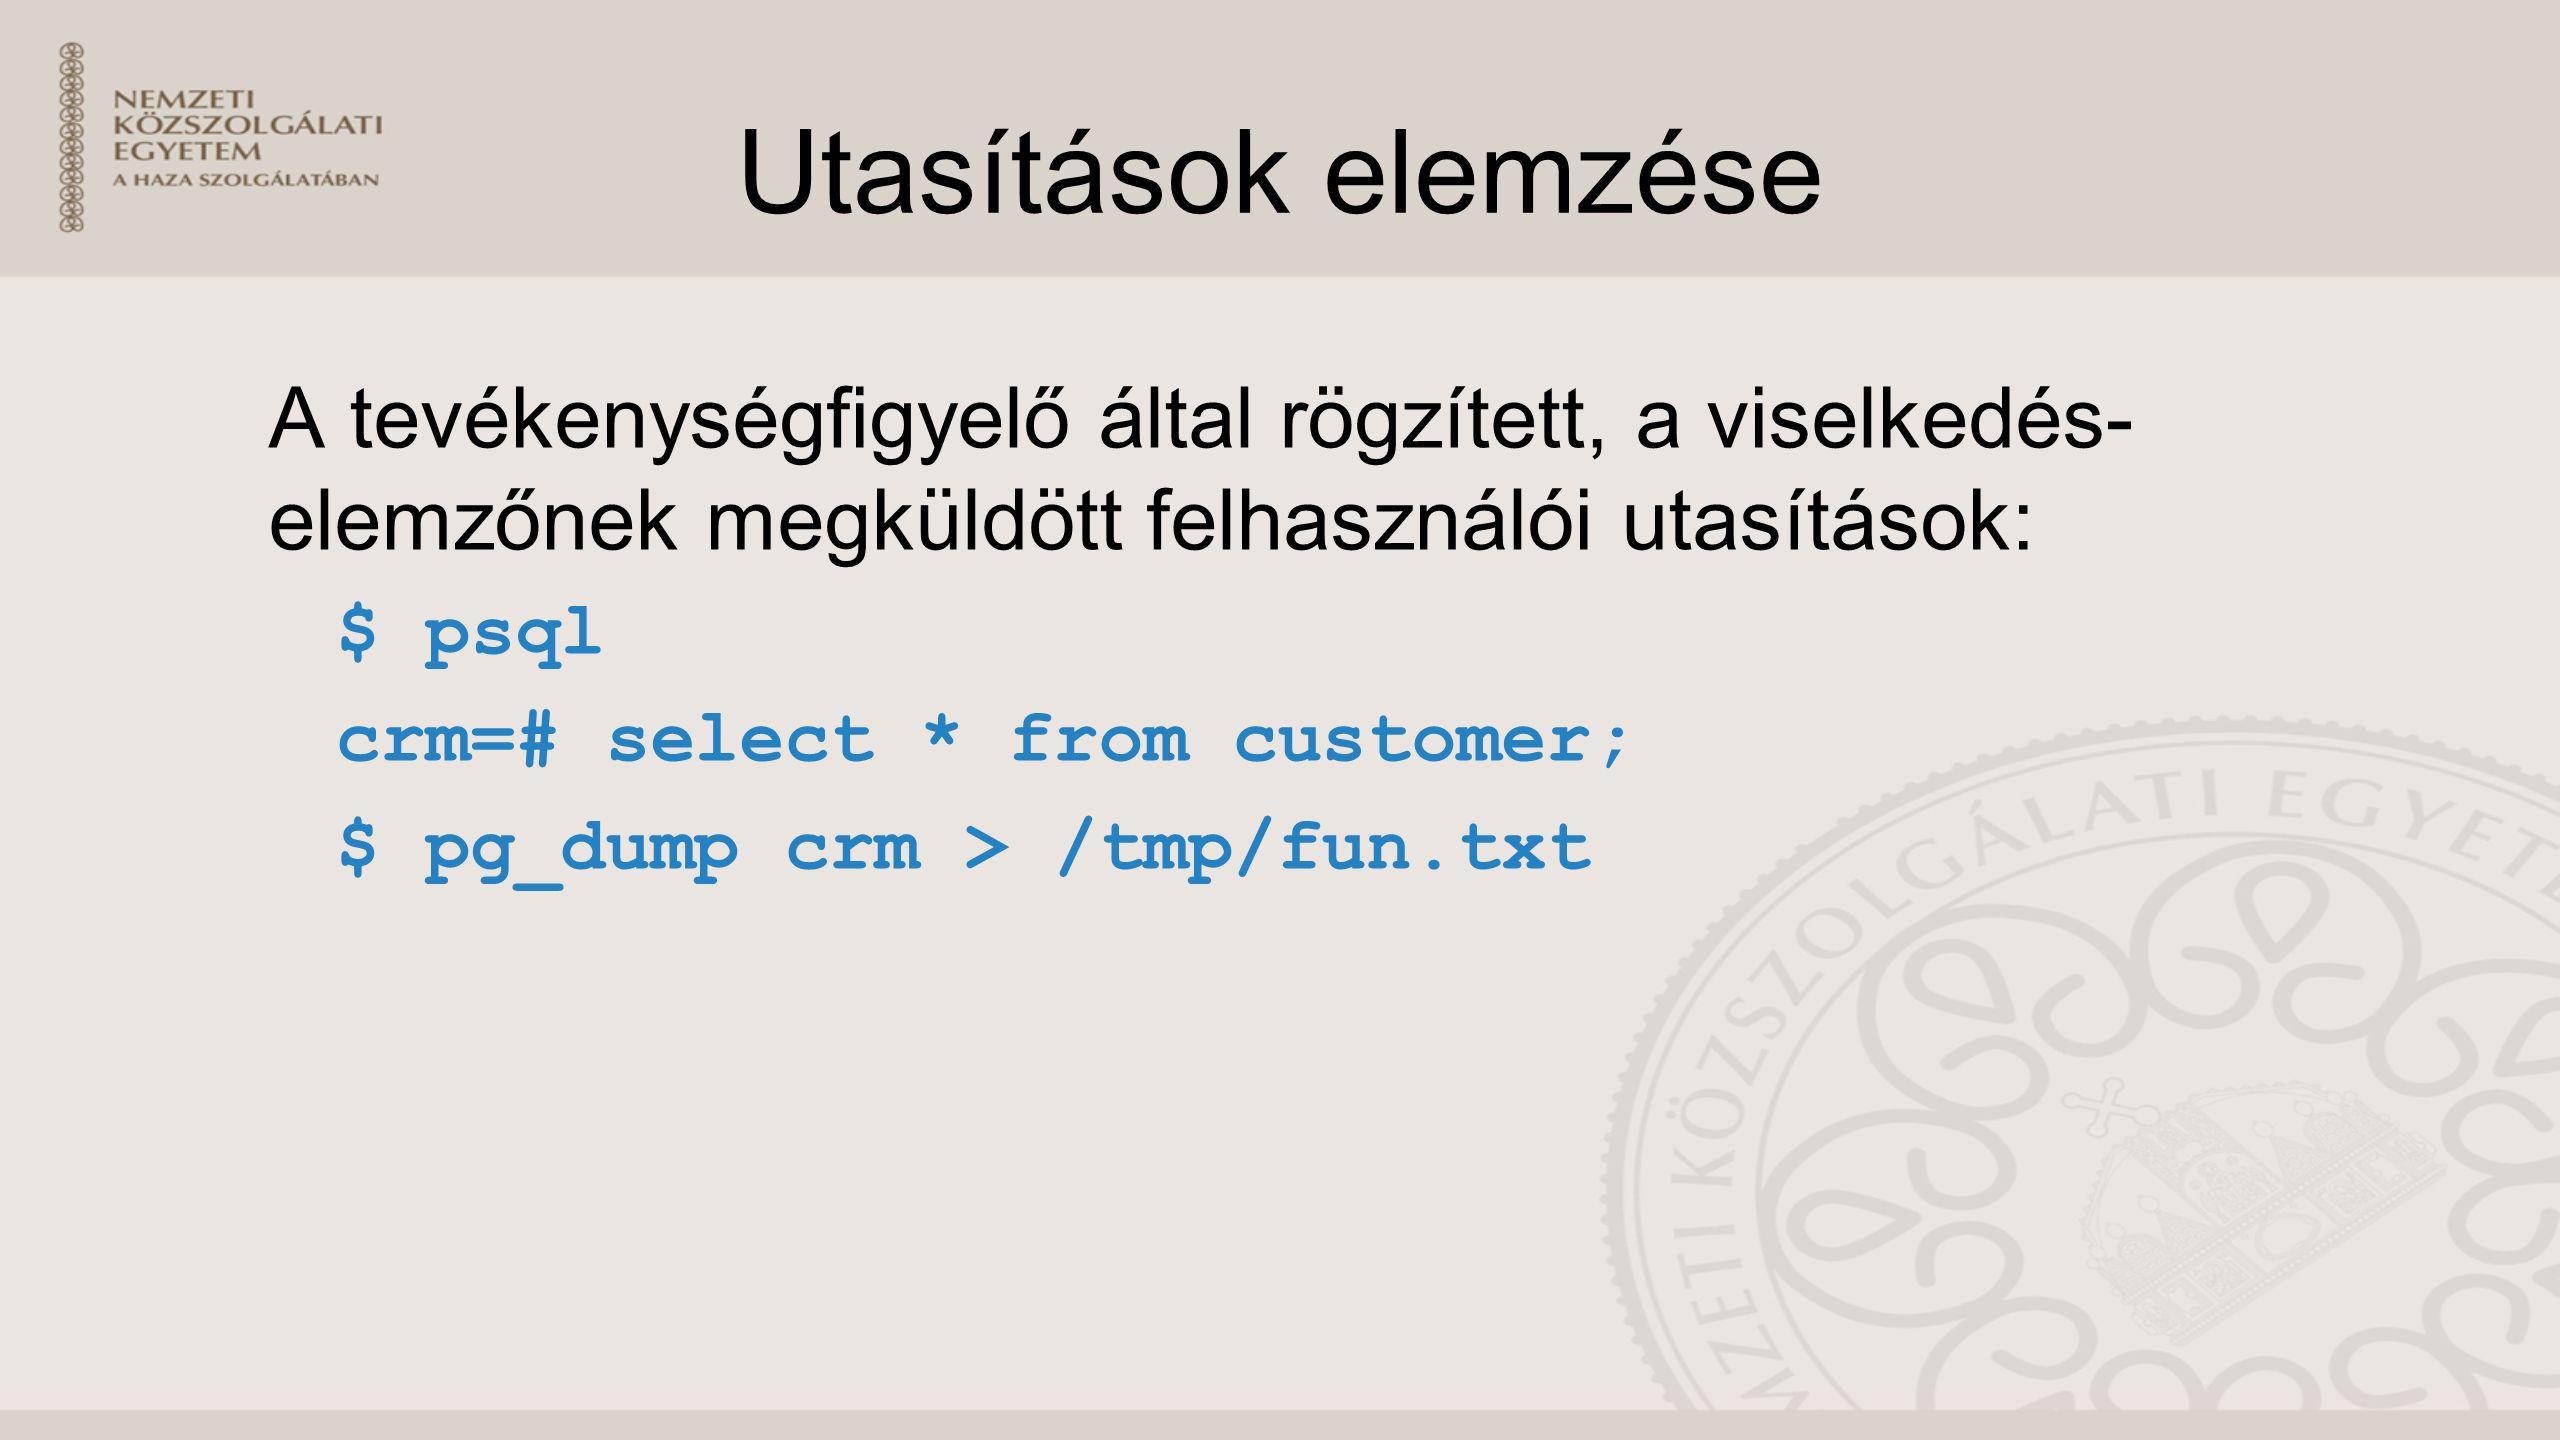 Utasítások elemzése A tevékenységfigyelő által rögzített, a viselkedés- elemzőnek megküldött felhasználói utasítások: $ psql crm=# select * from customer; $ pg_dump crm > /tmp/fun.txt